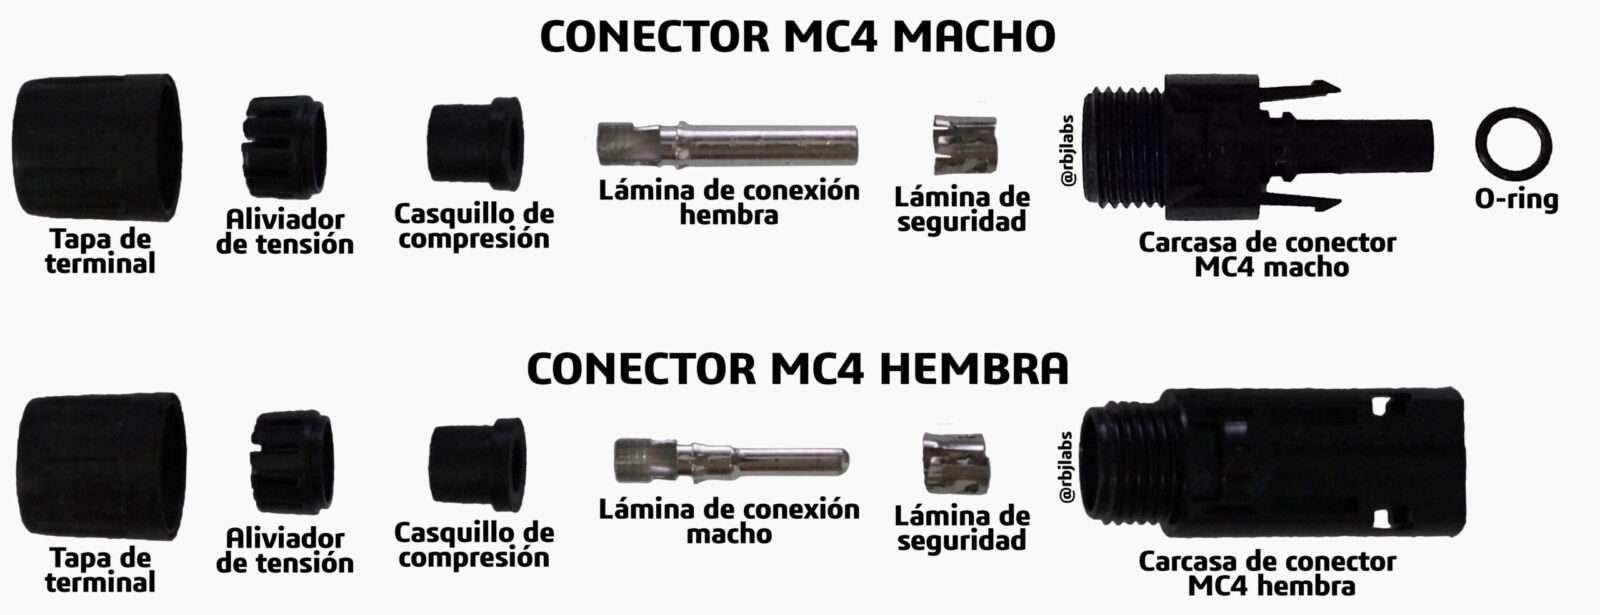 partes-de-un-conector-mc4-macho-y-partes-de-un-conector-mc4-hemb